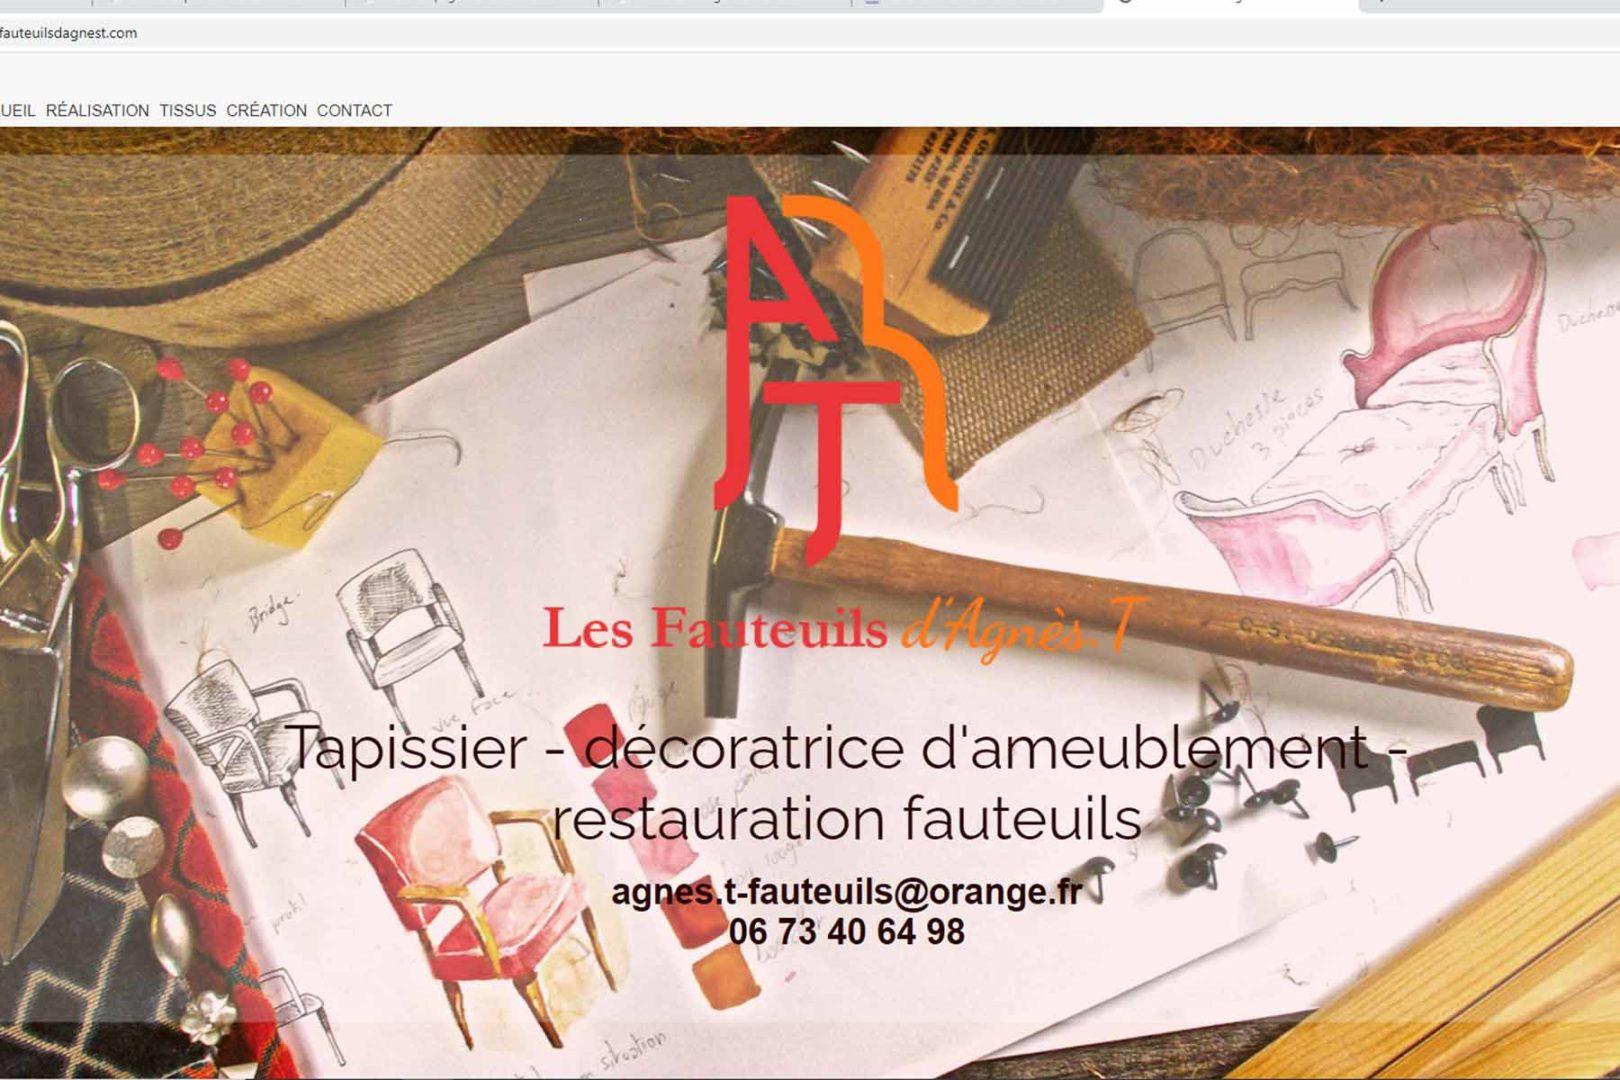 Réalisation Site internet lesfauteuilsdagnest.com